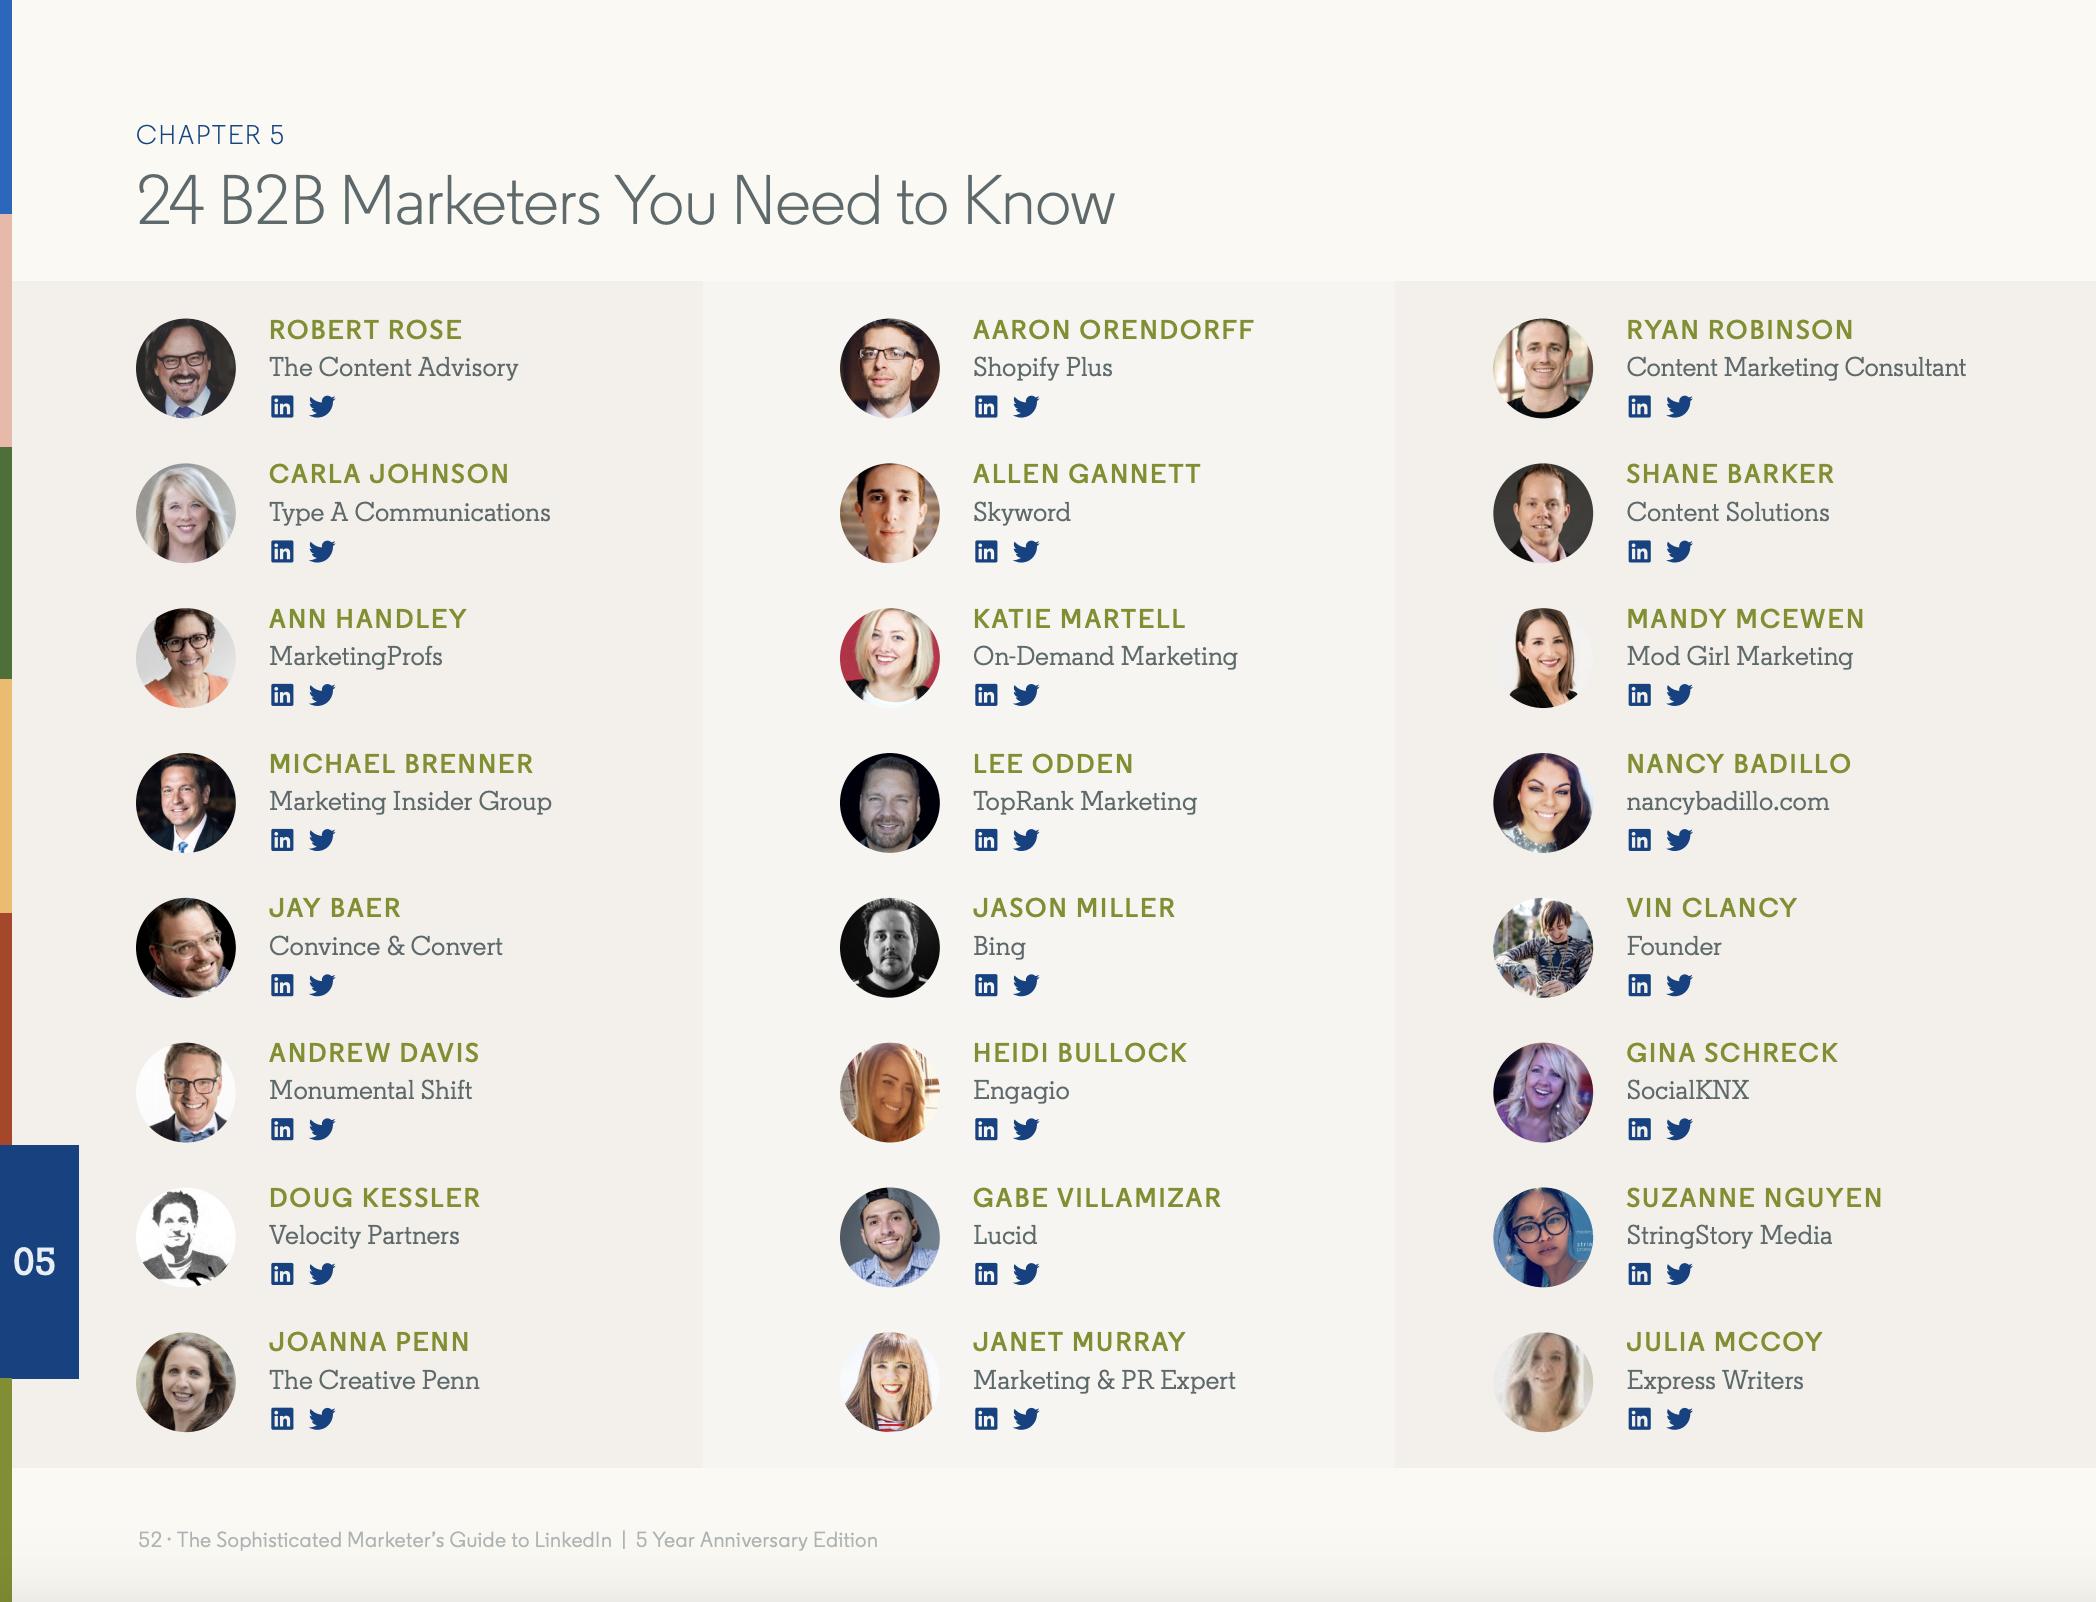 linkedin b2b marketers to follow